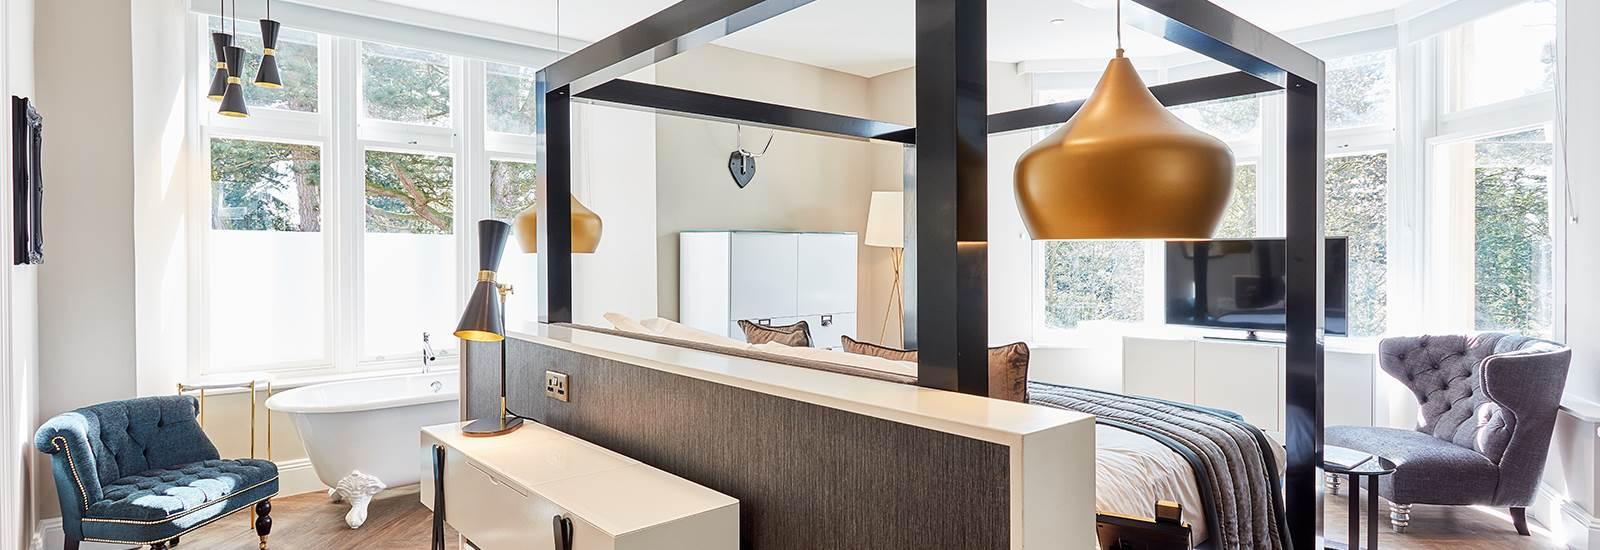 Kendal Suite main image